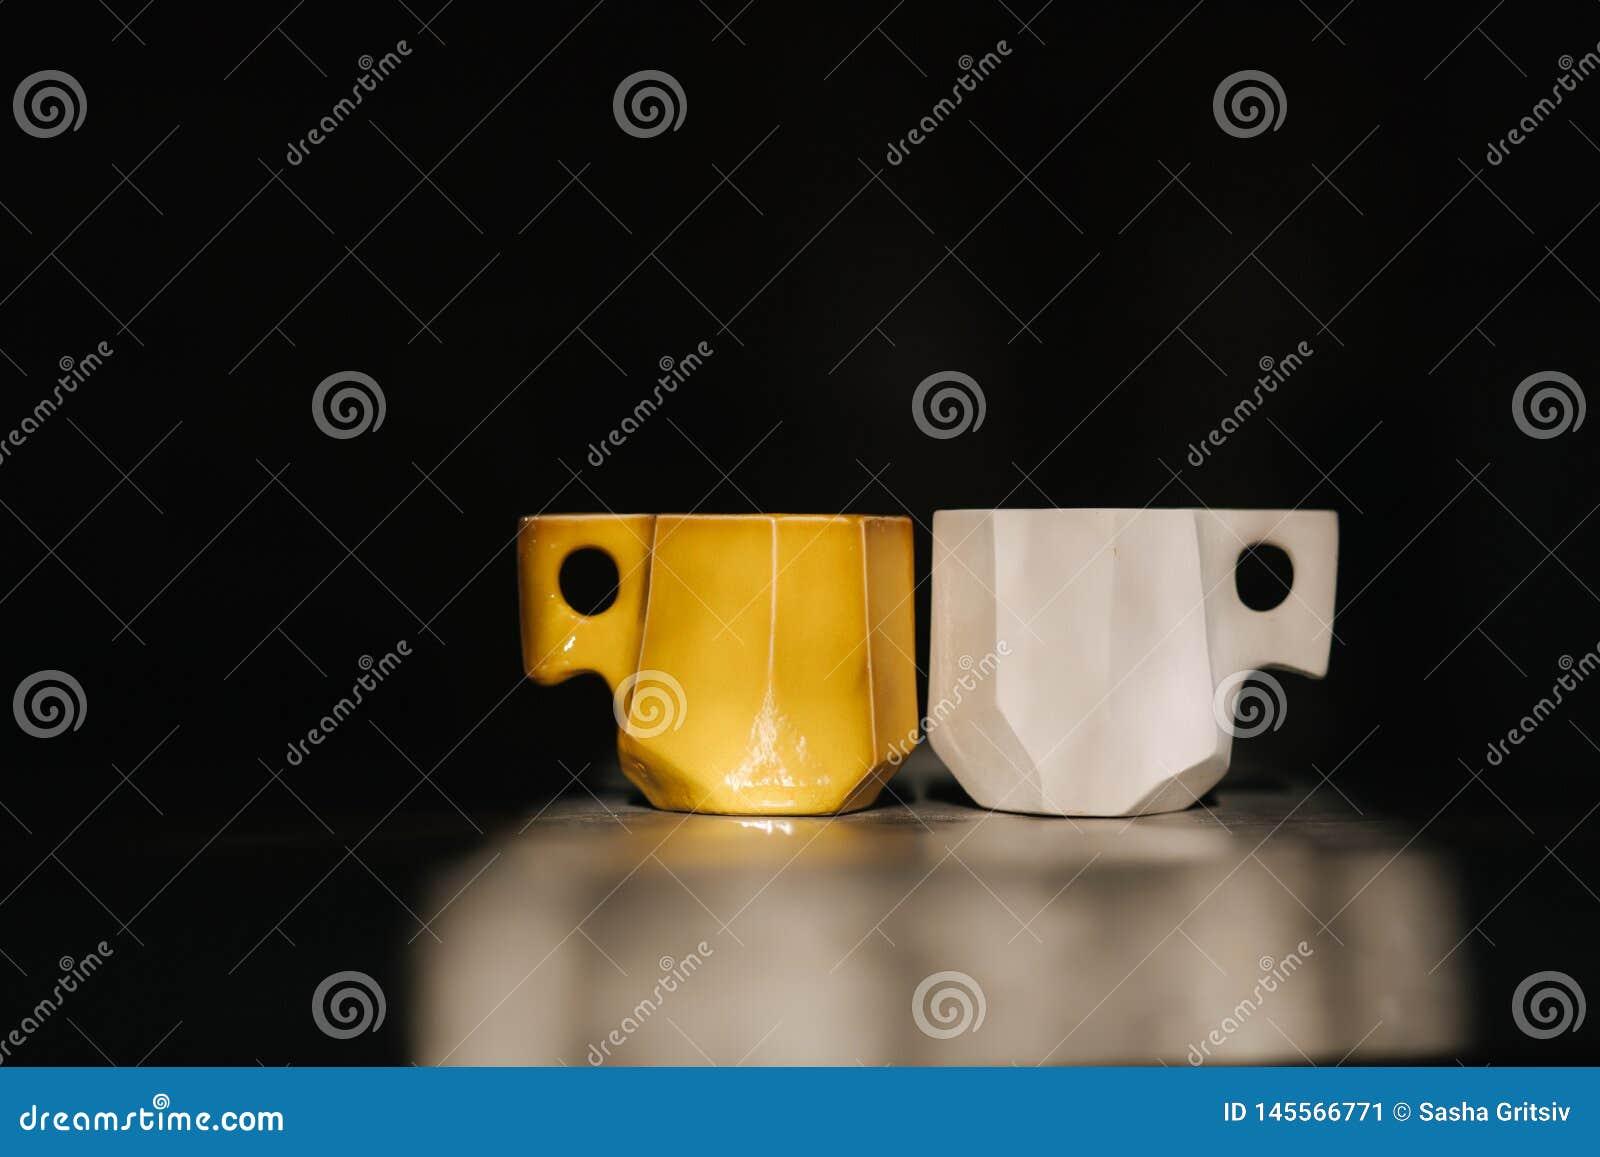 Керамическая чашка для кофе на таблице Право незакончено, левая сторона готово